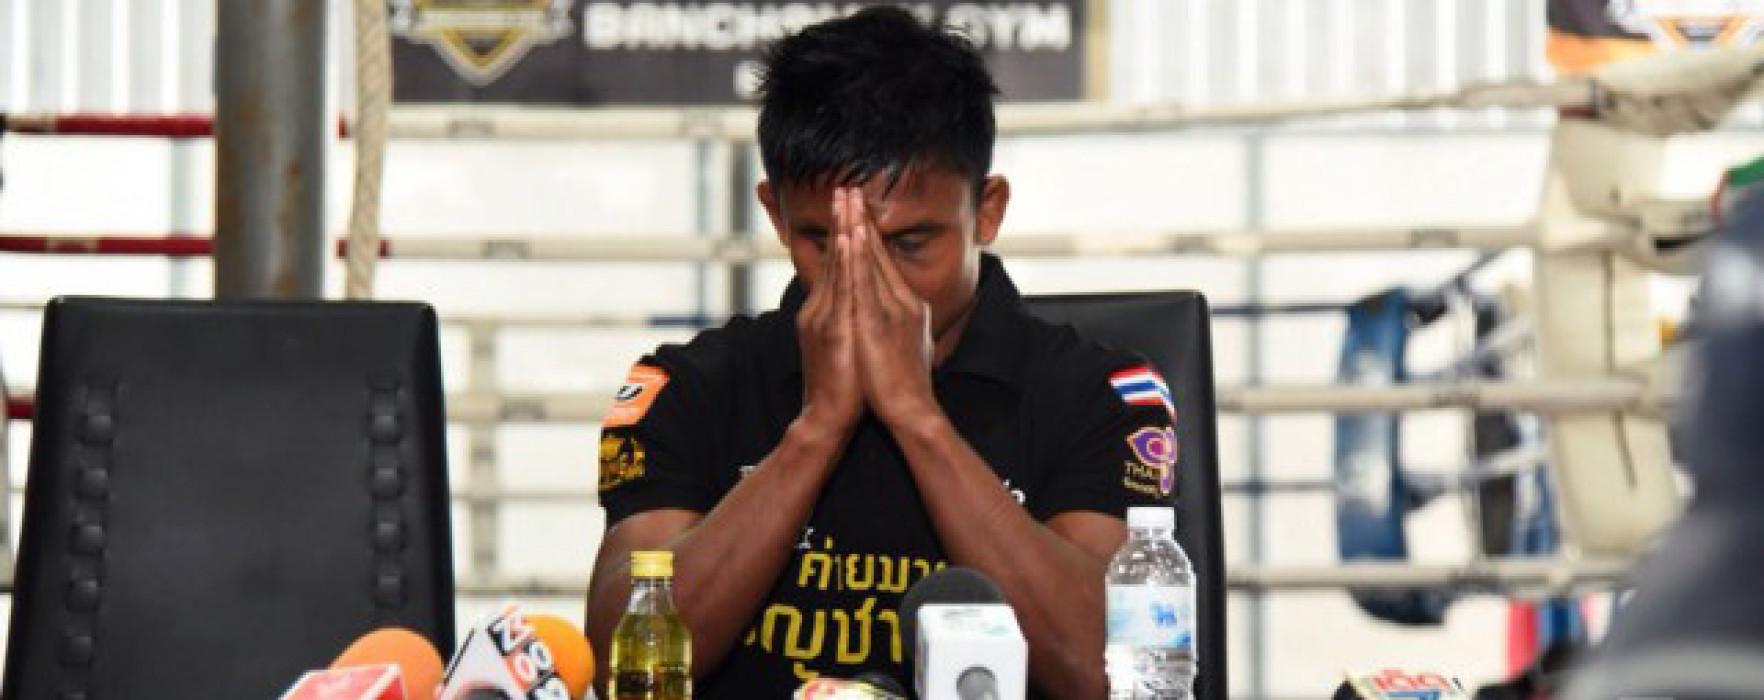 Buakaw lascia il ring del K-1: l'altra faccia della storia